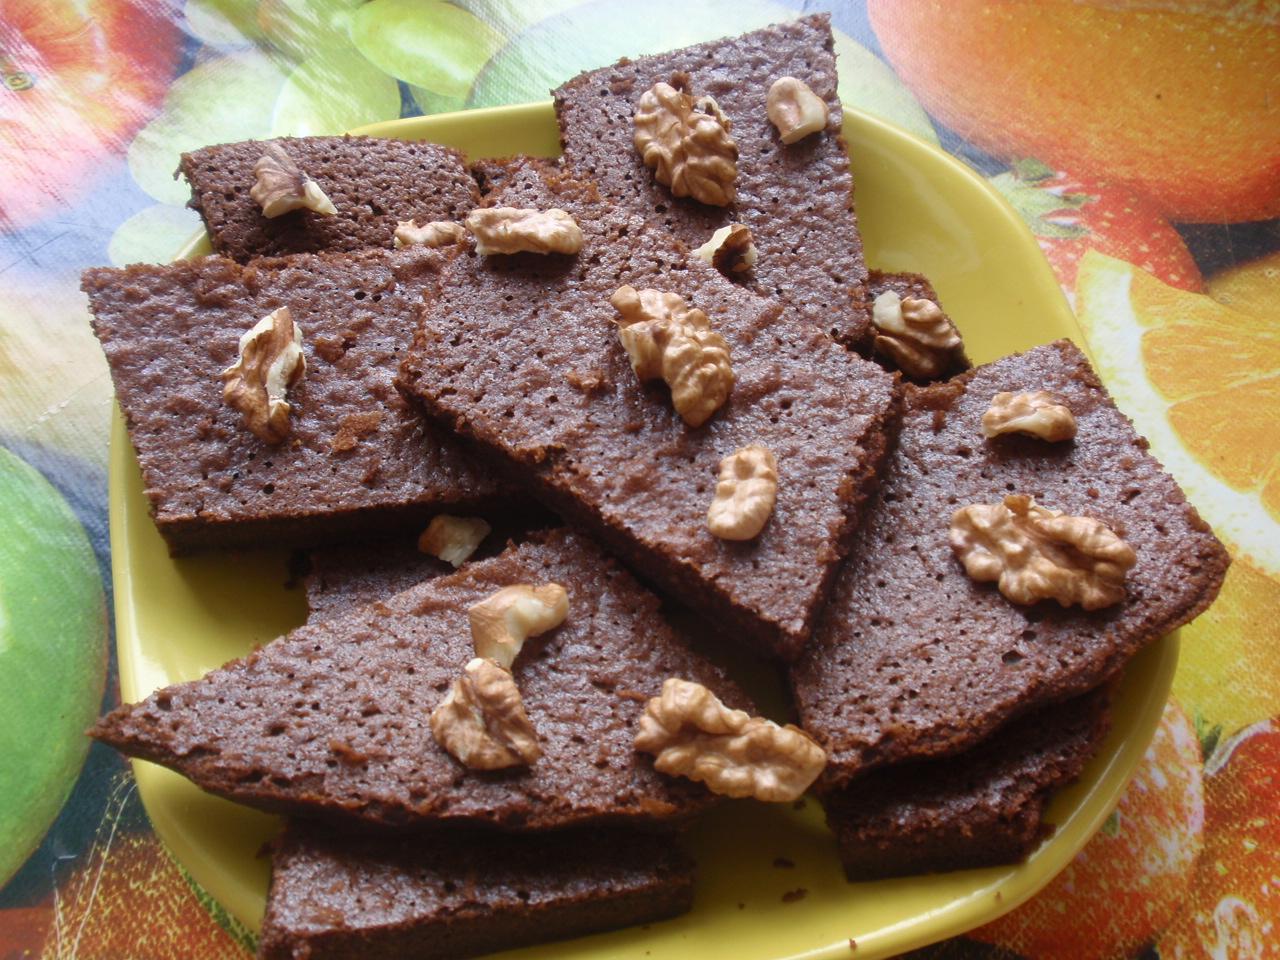 Рецепт печенья с шоколадом в домашних условиях фото